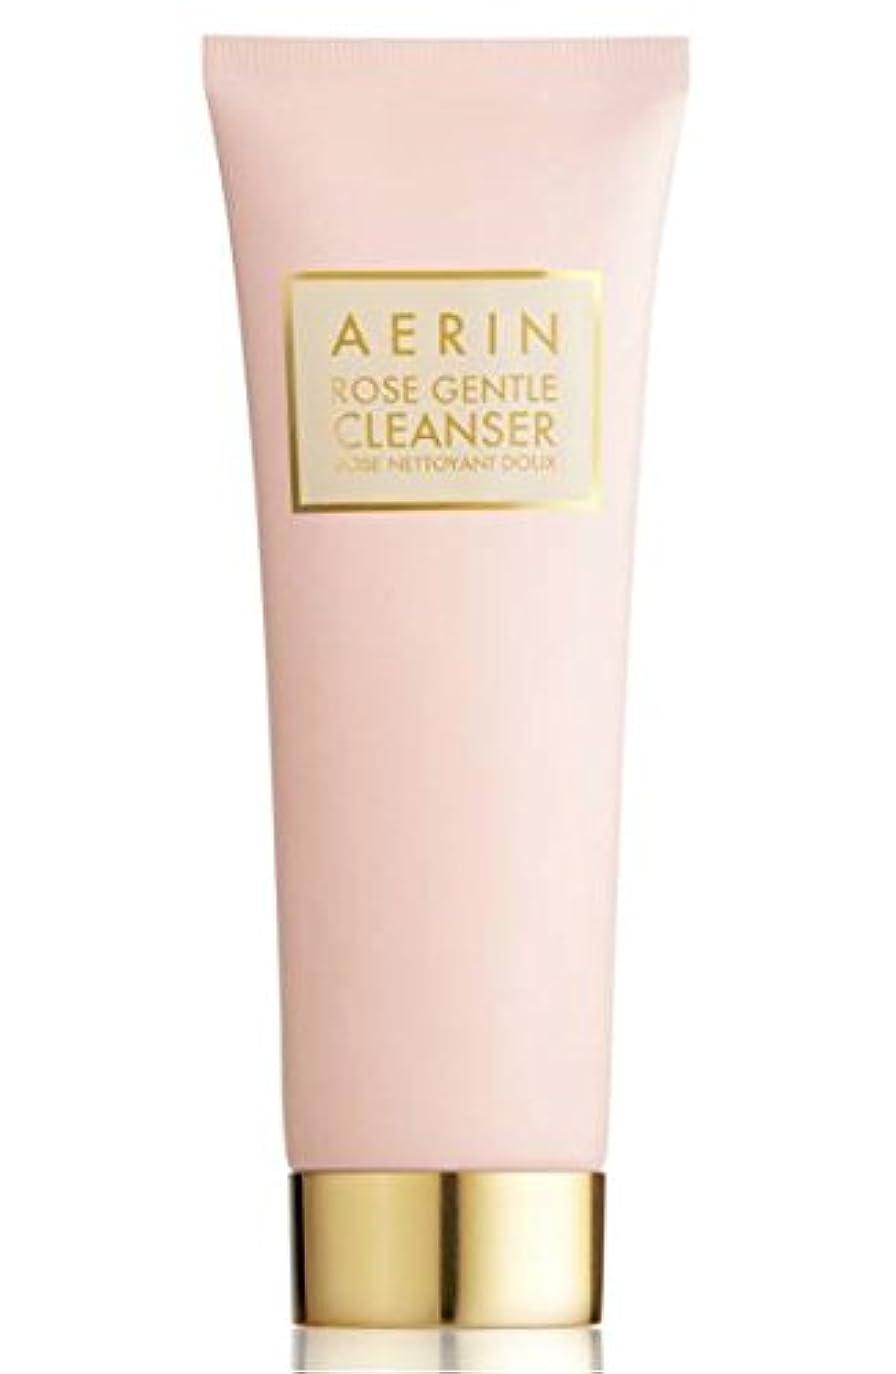 報酬自分の午後AERIN Rose Gentle Cleanser(アエリン ローズ ジェントル クレンザー) 4.2 oz (126ml) by Estee Lauder